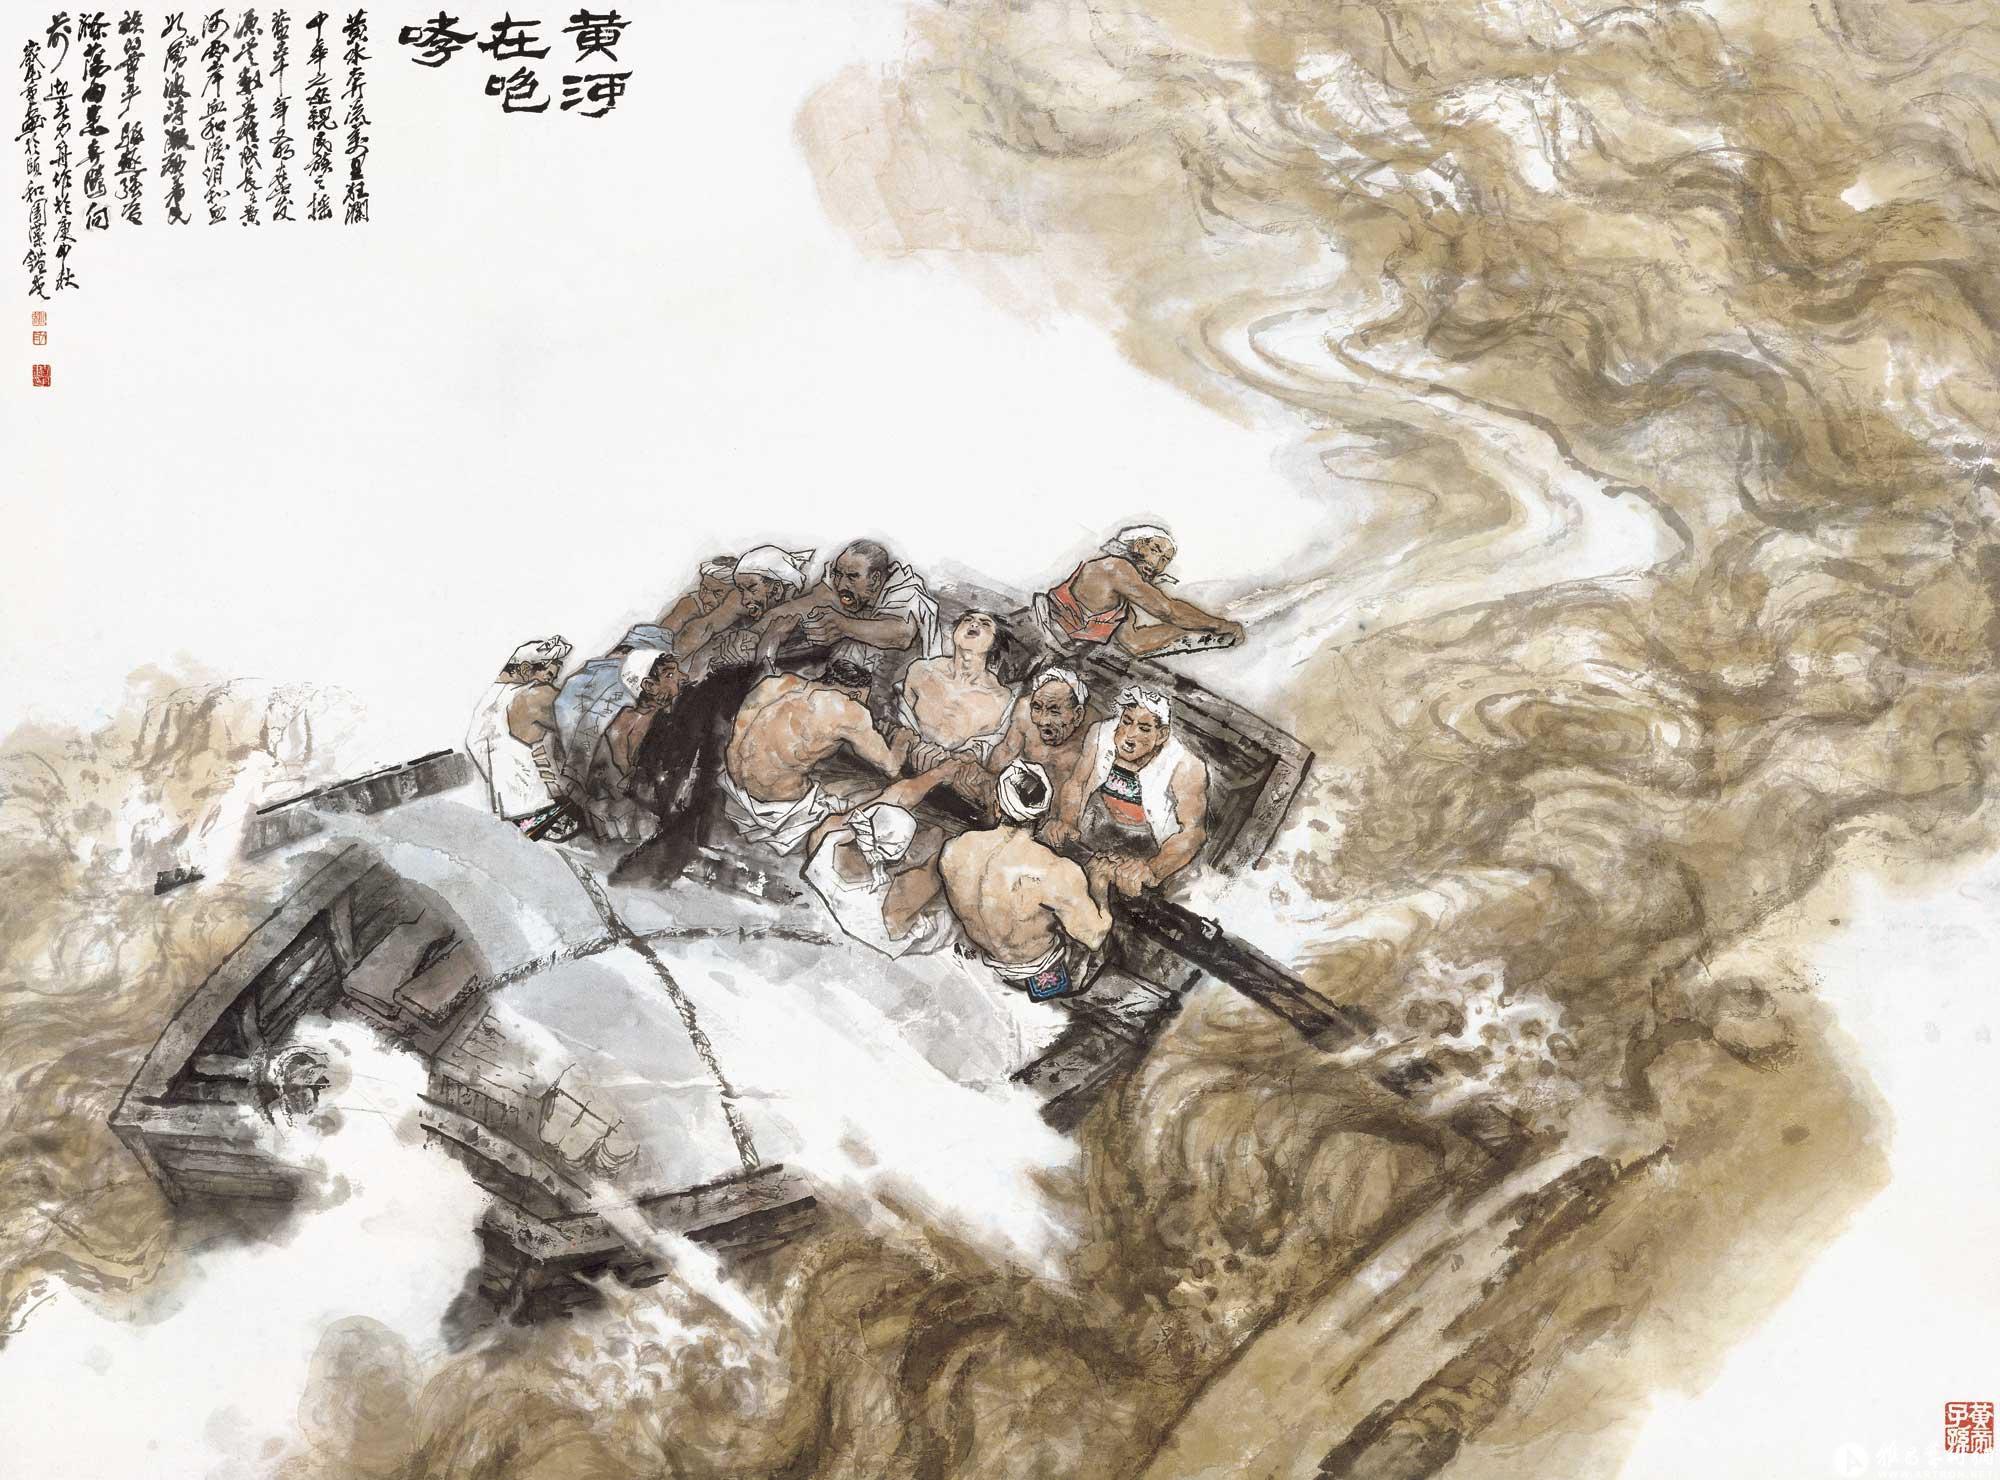 黄河三联画之二《黄河在咆哮》